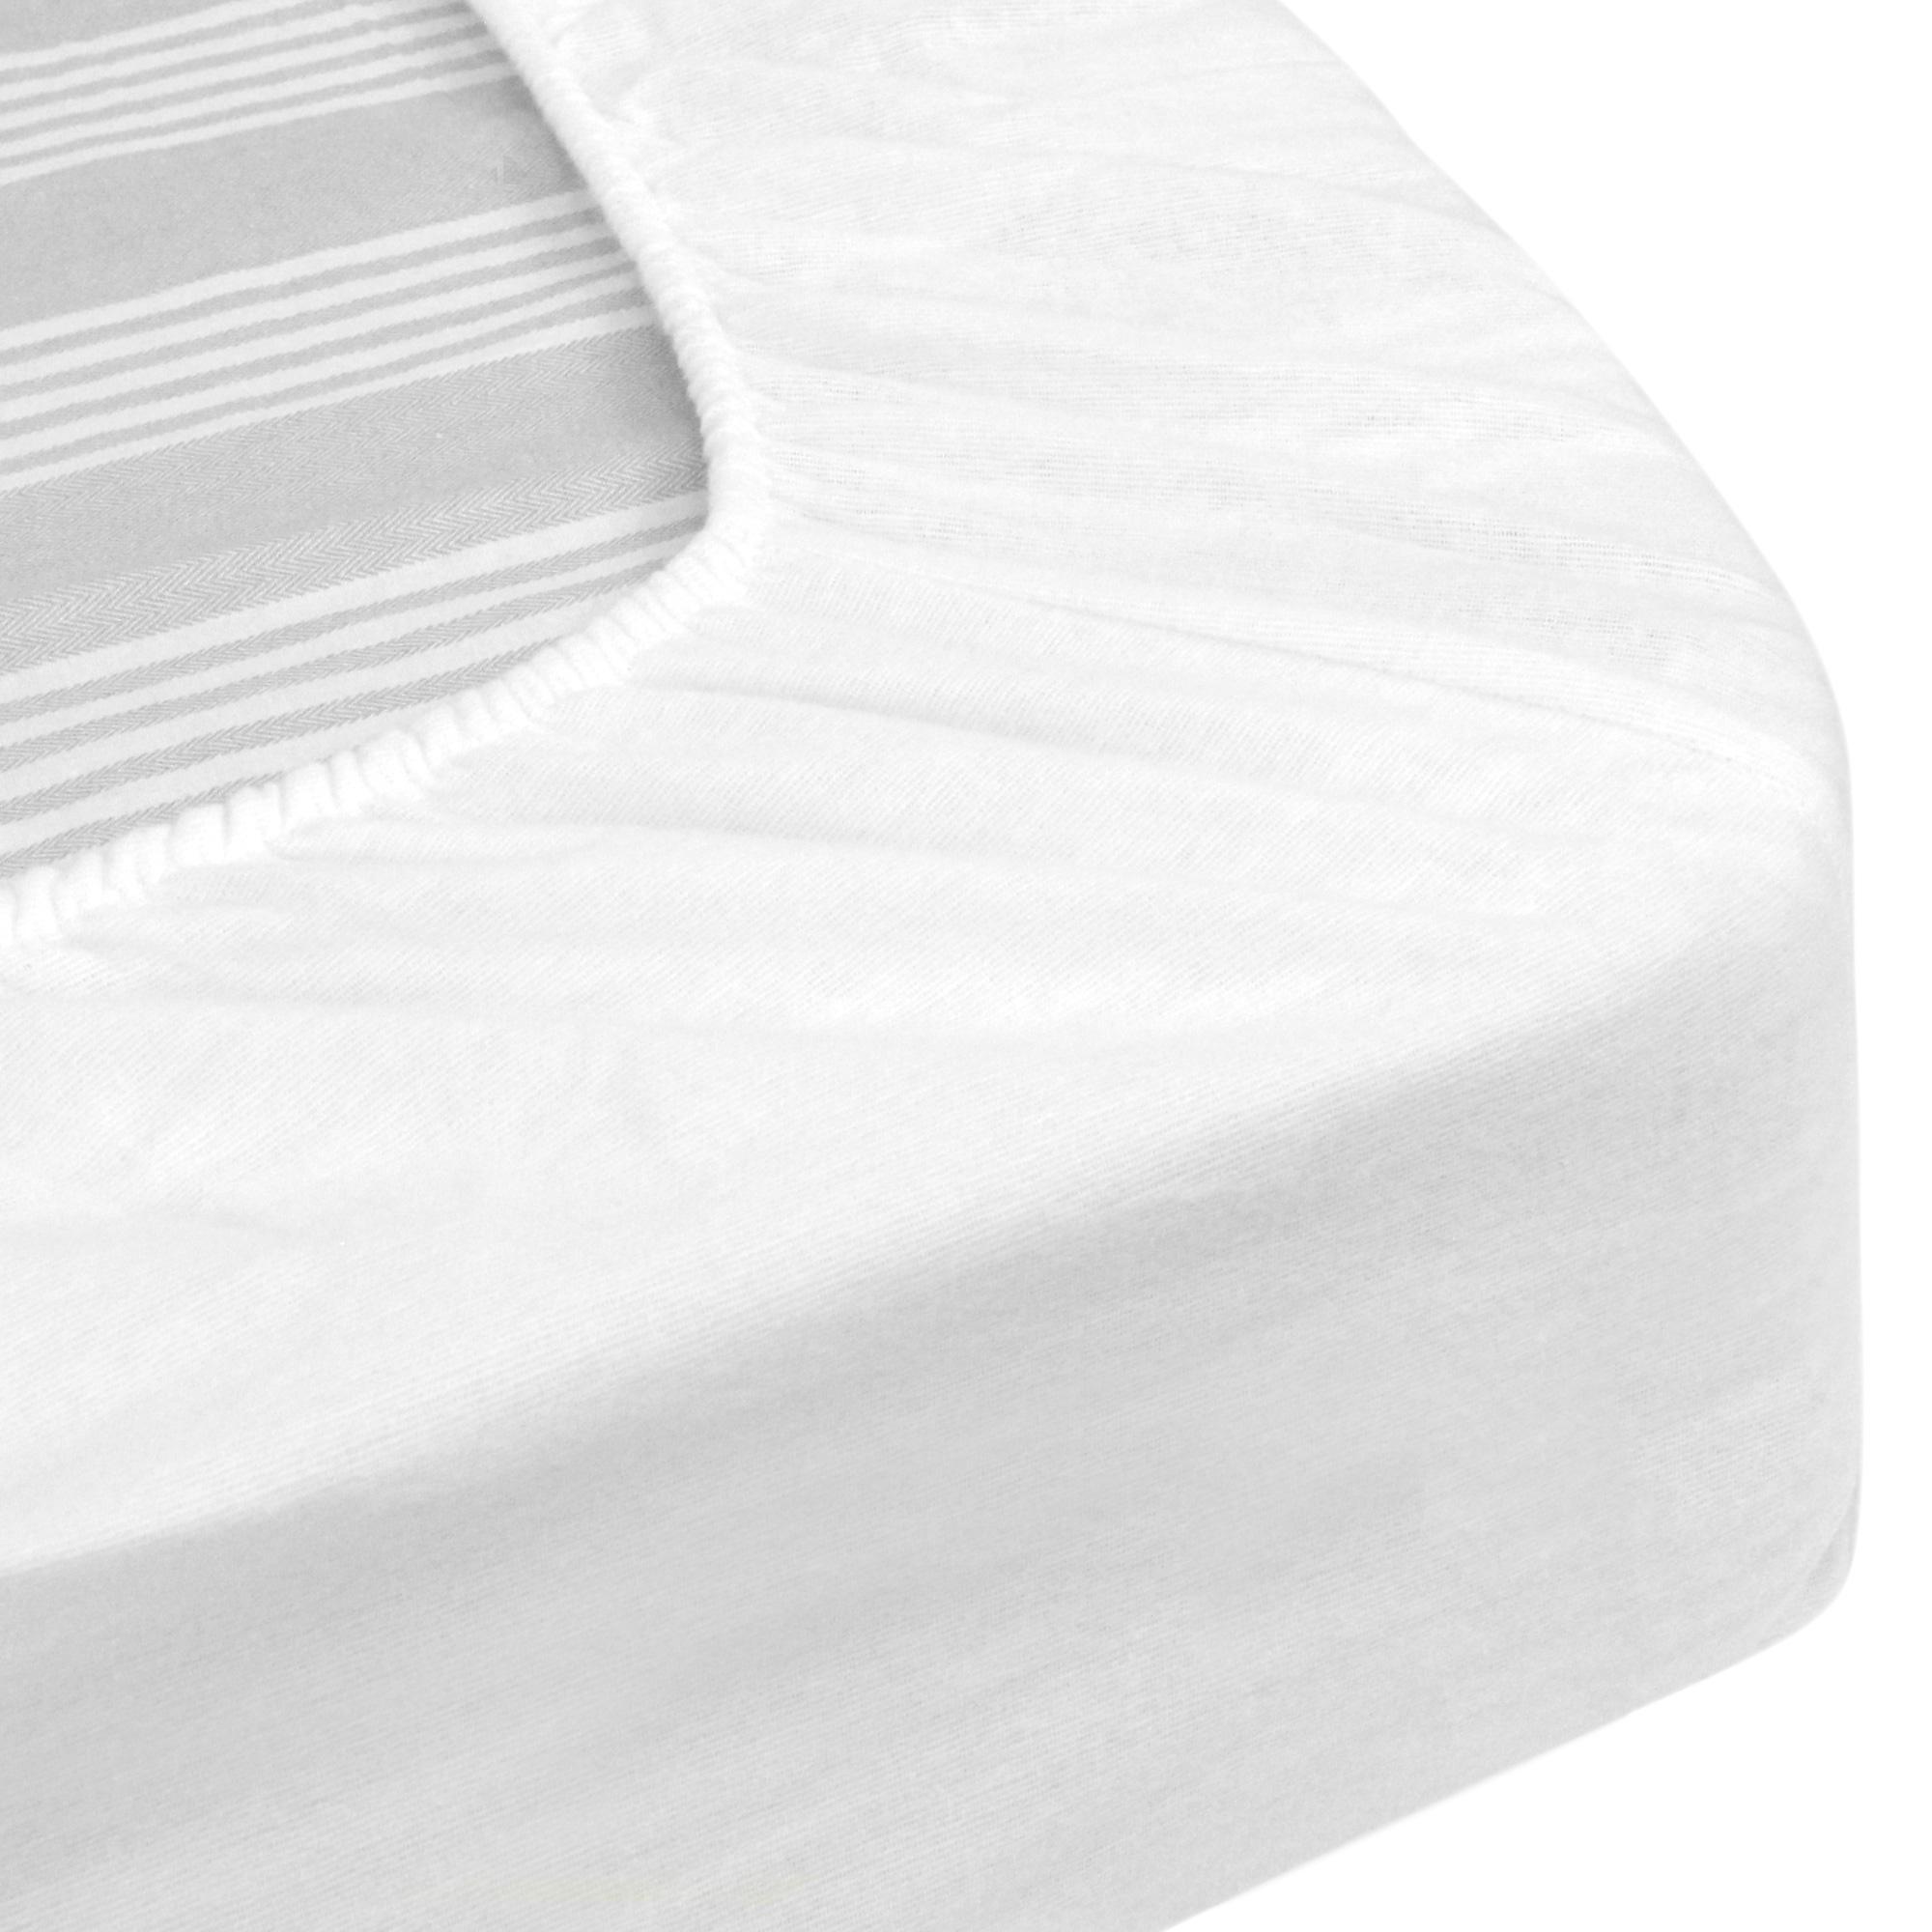 prot ge matelas imperm able 90x200 cm bonnet 30cm arnon molleton 100 coton contrecoll. Black Bedroom Furniture Sets. Home Design Ideas